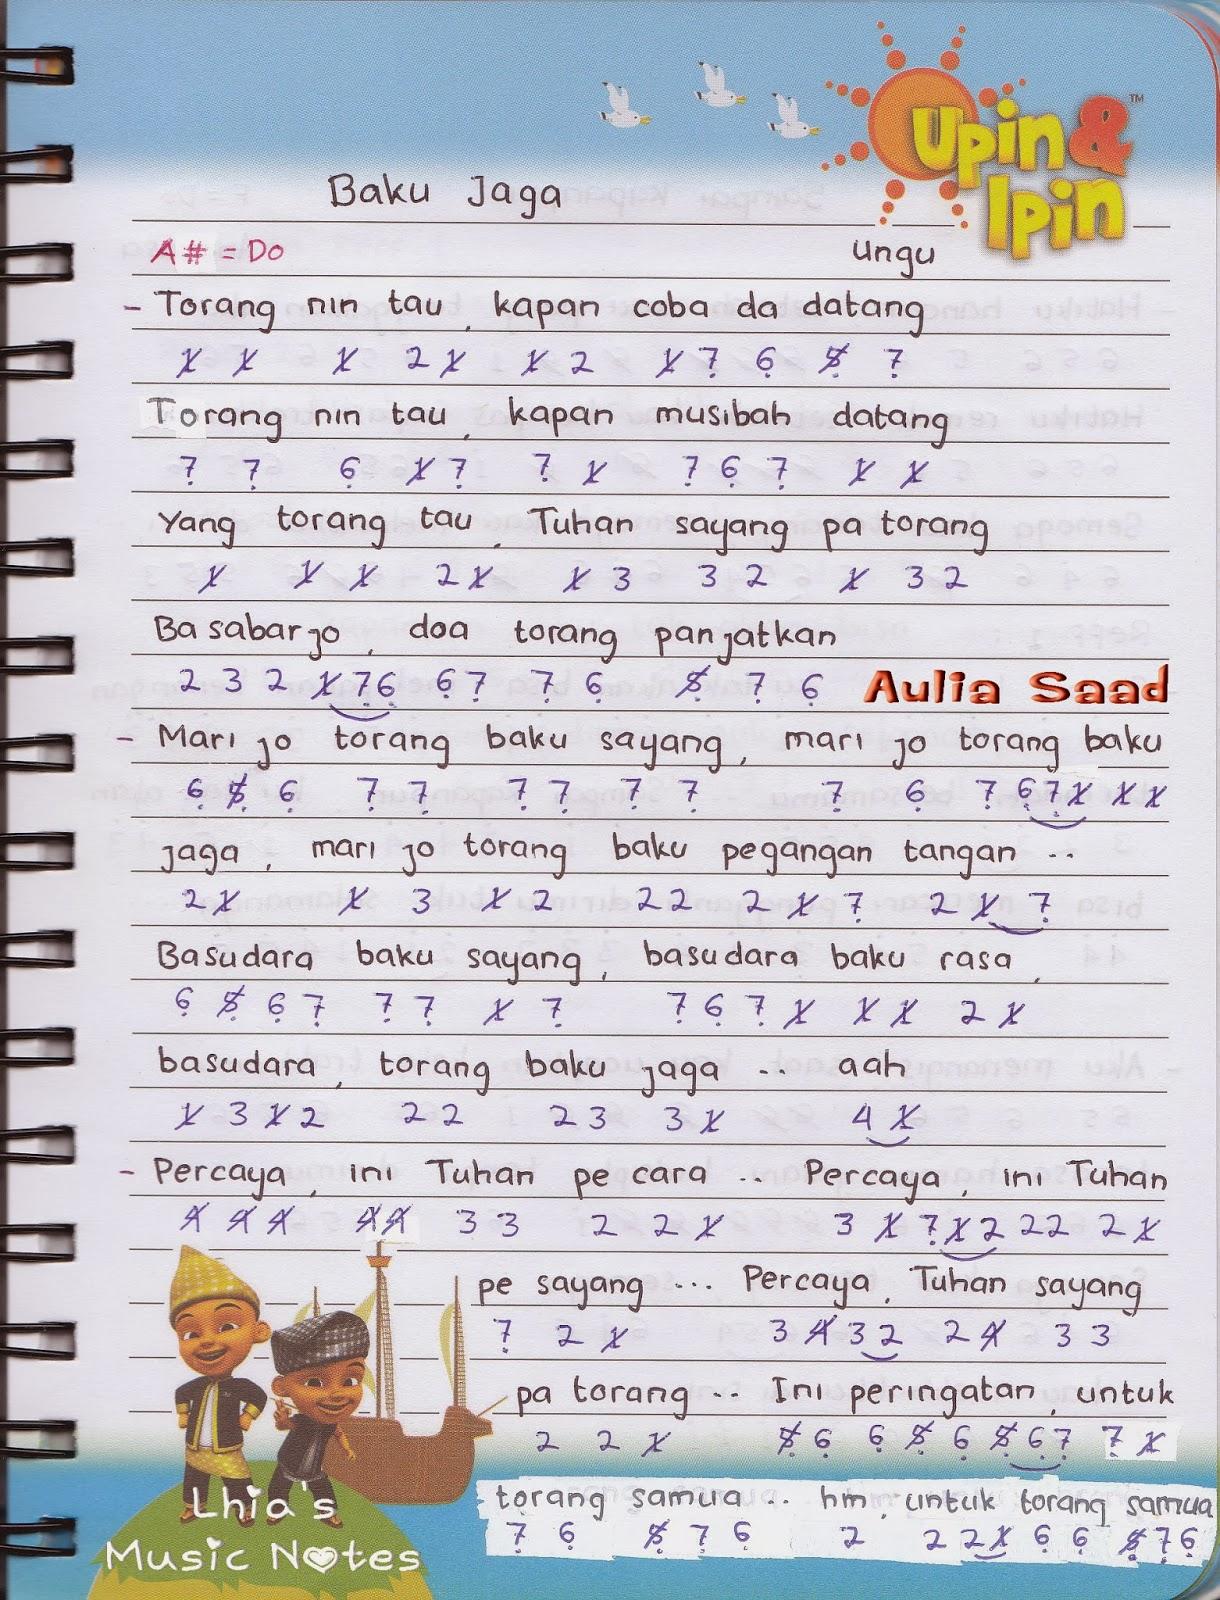 Lirik Lagu Baku Jaga : lirik, Angka, (Song, Manado), Aulia's, World